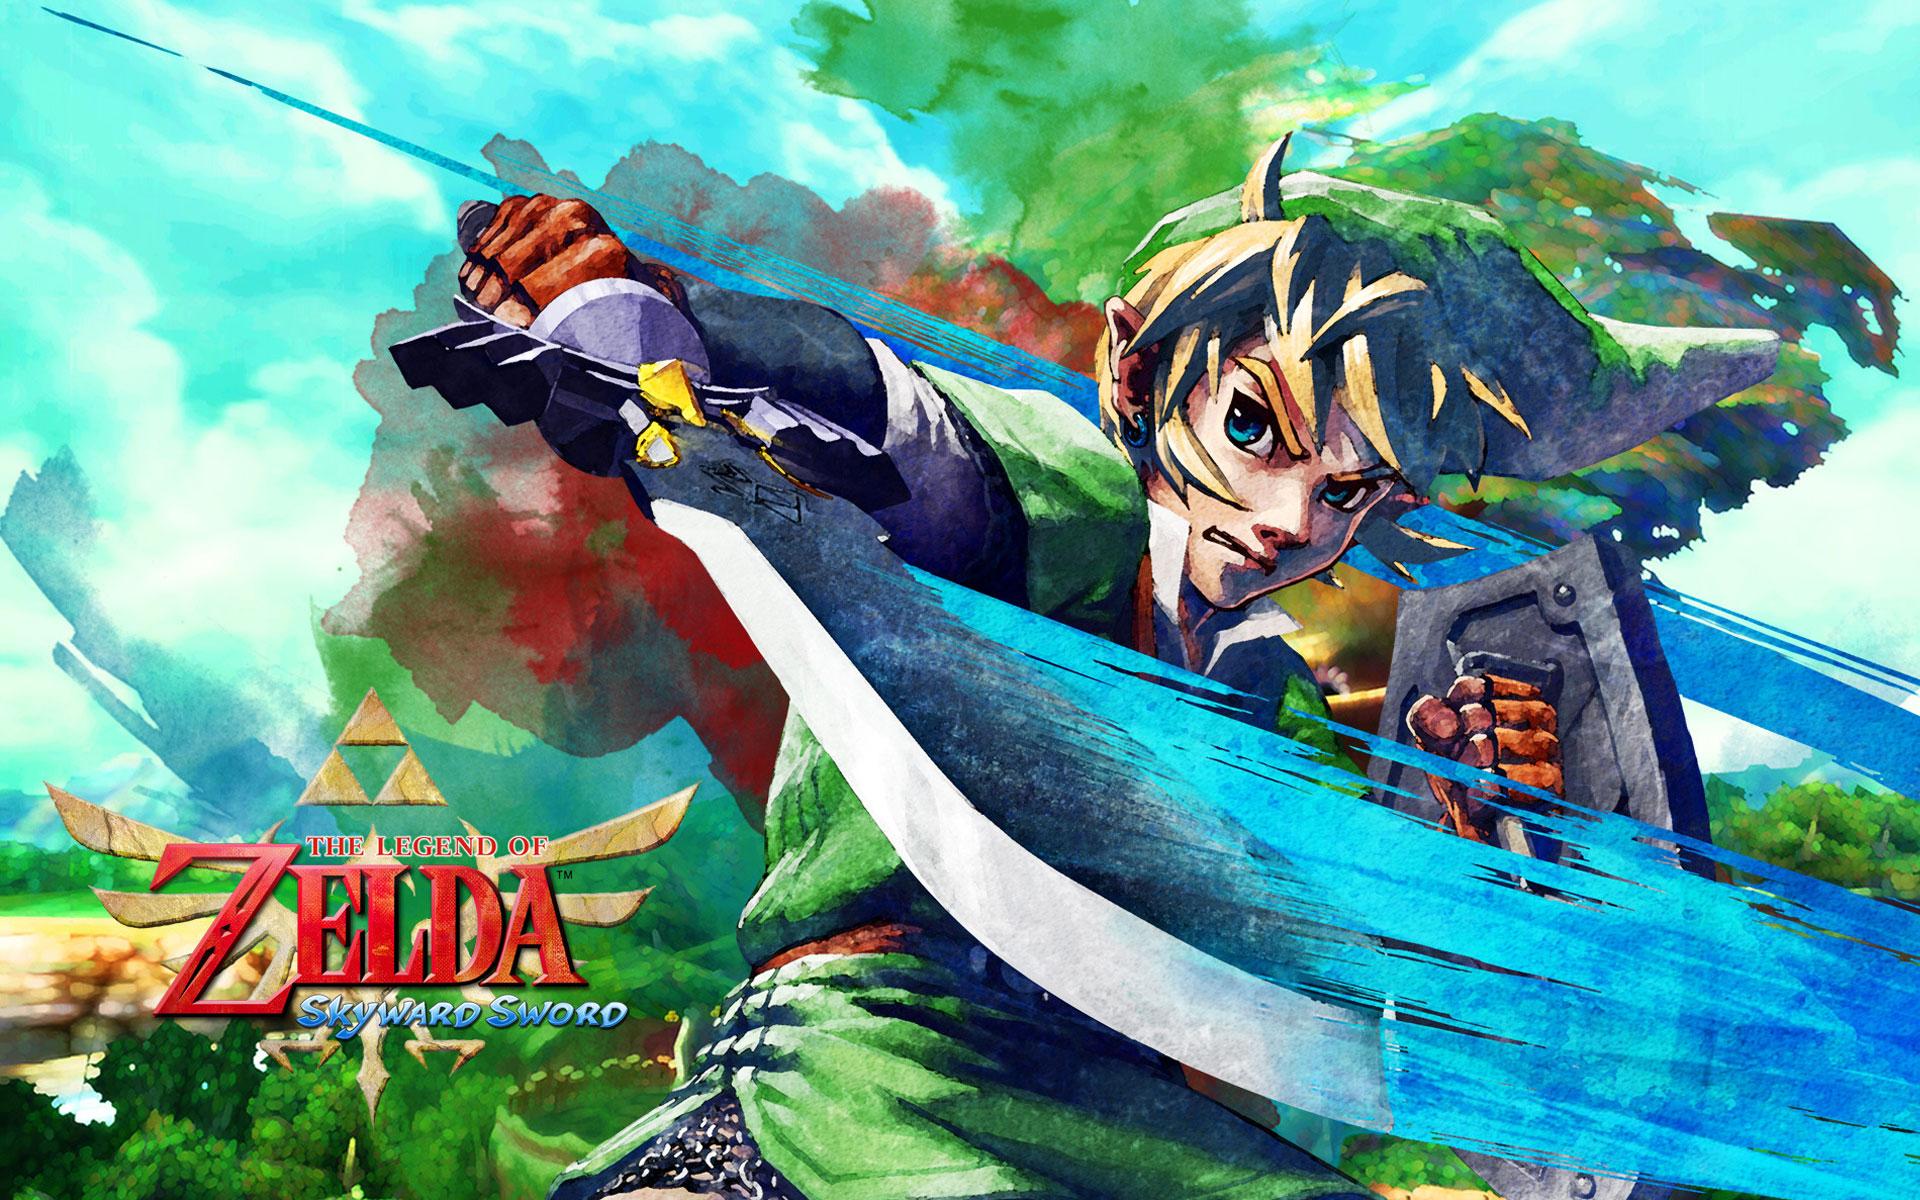 gameranxcomZelda Skyward Sword 1080p 1920x1200